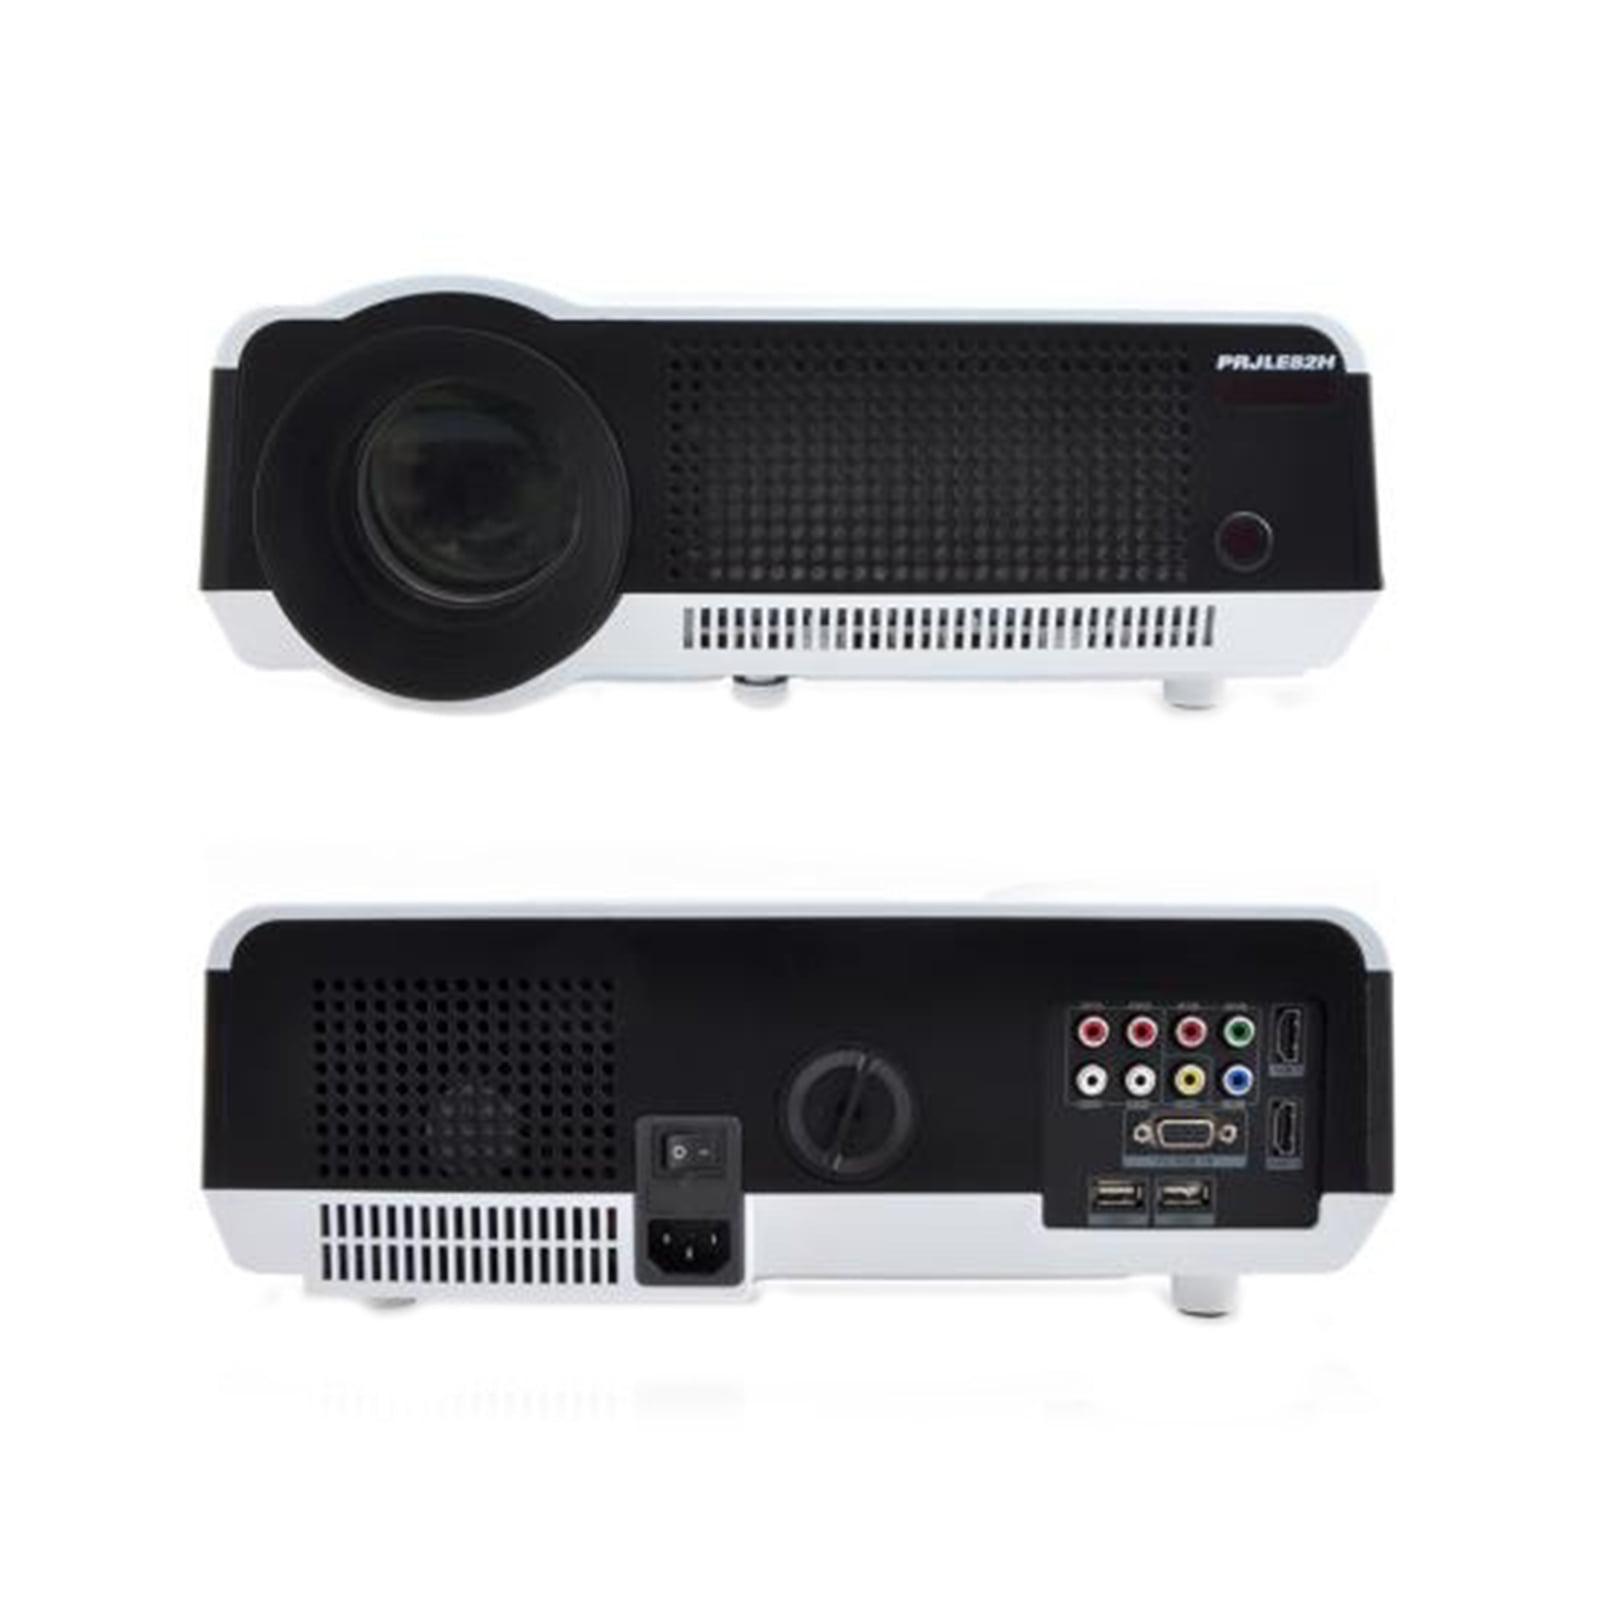 Teatro En Casa Proyector de video con soporte para 1080p HD, altavoces incorporados (HDMI/USB/VGA/YPbPr/RCA) + Pyle en VeoyCompro.com.co